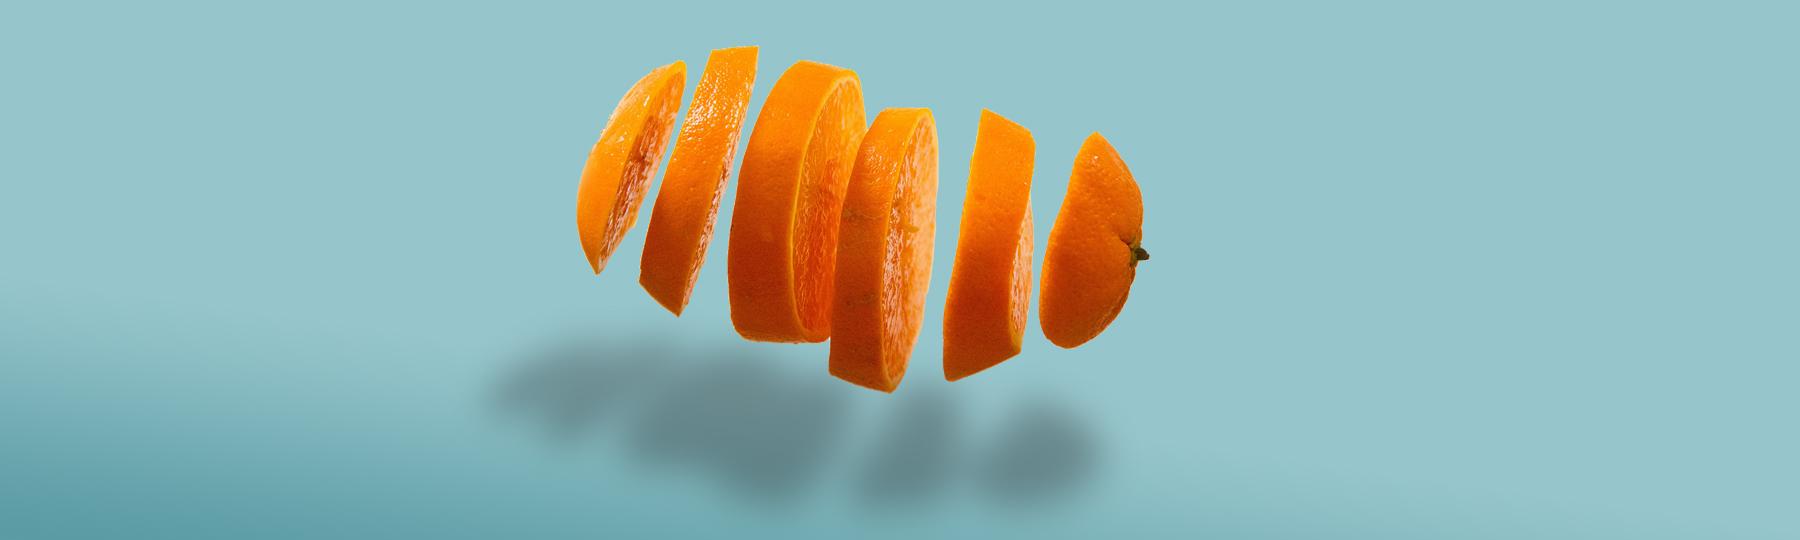 Orange sliced operator